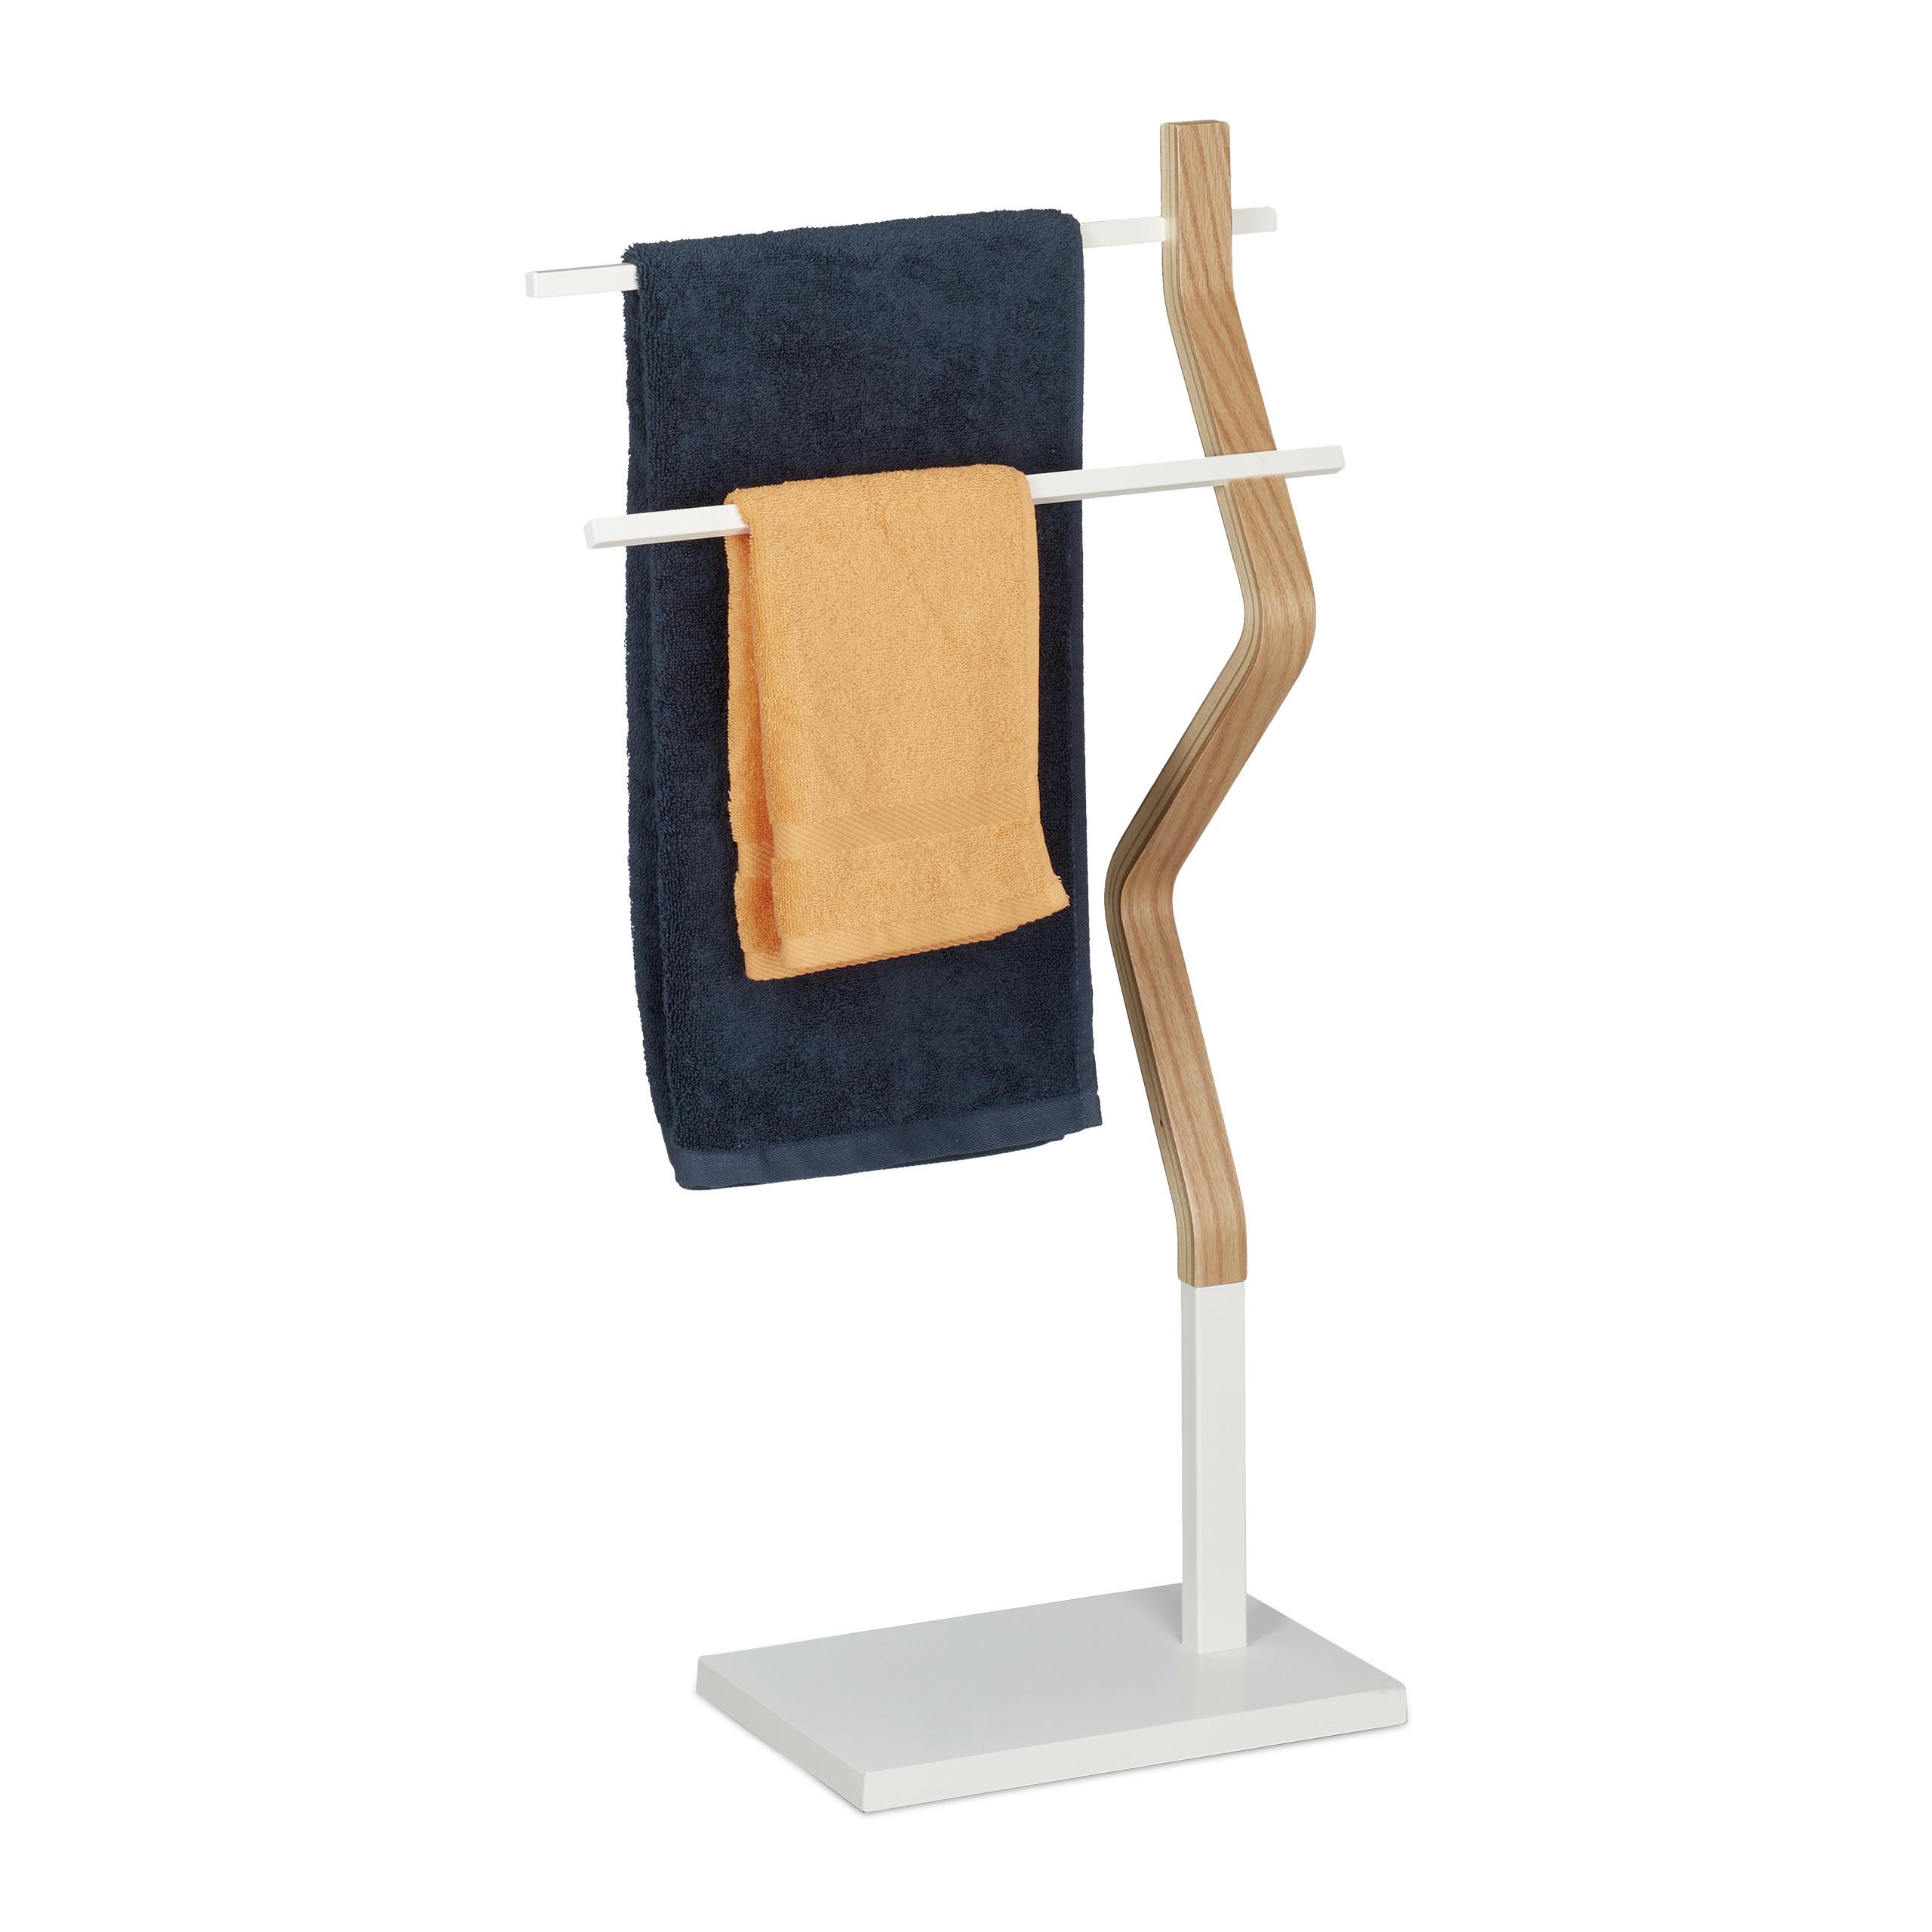 Handtuchhalter stehend Handtuchständer Standhandtuchhalter